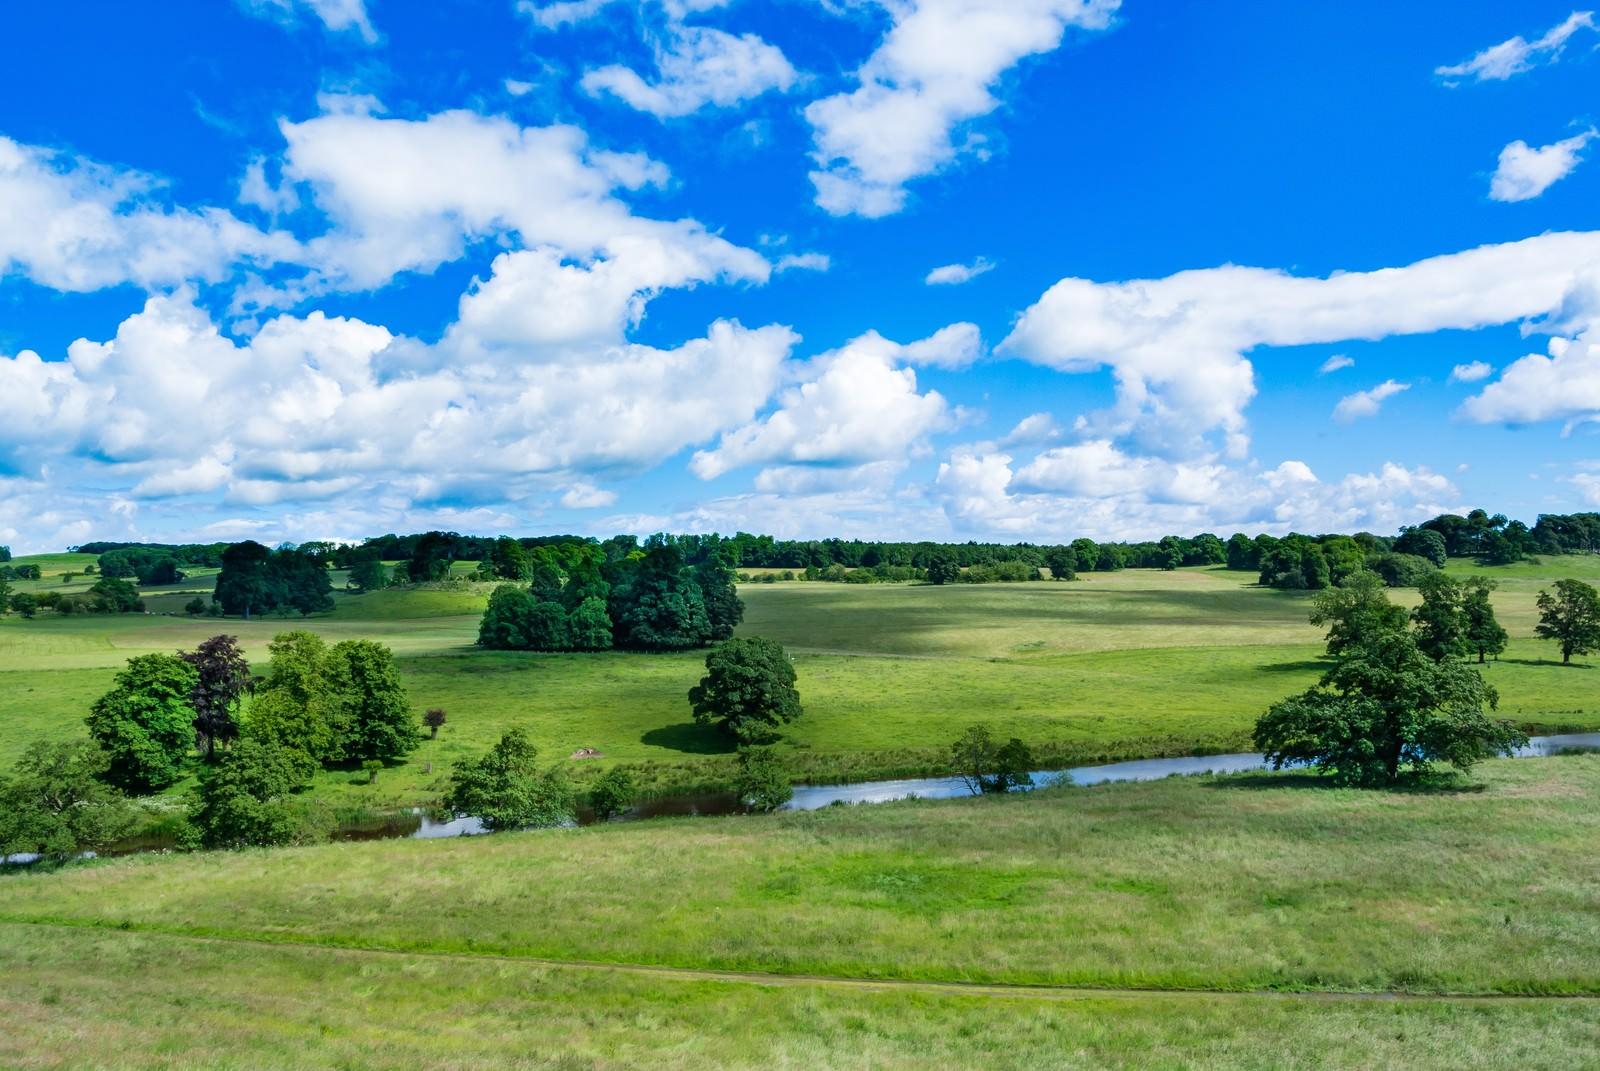 「イギリス北部の自然風景」の写真